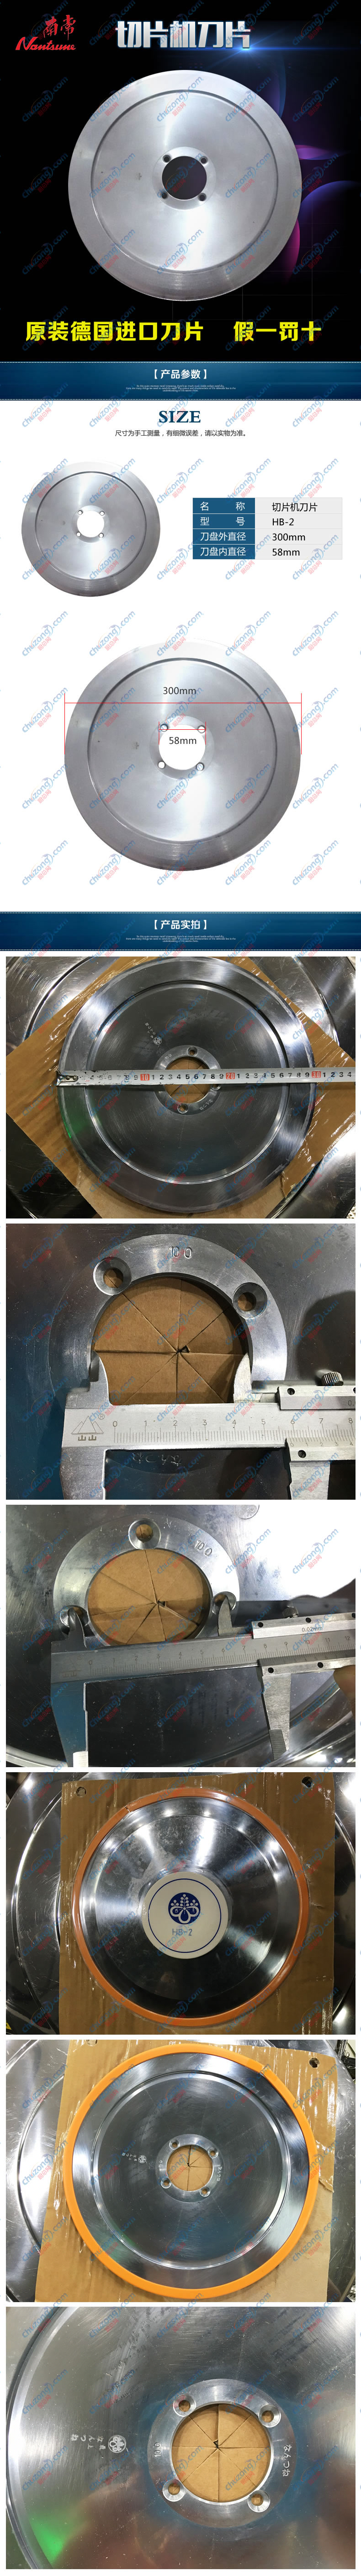 南常切片机HB-2图片